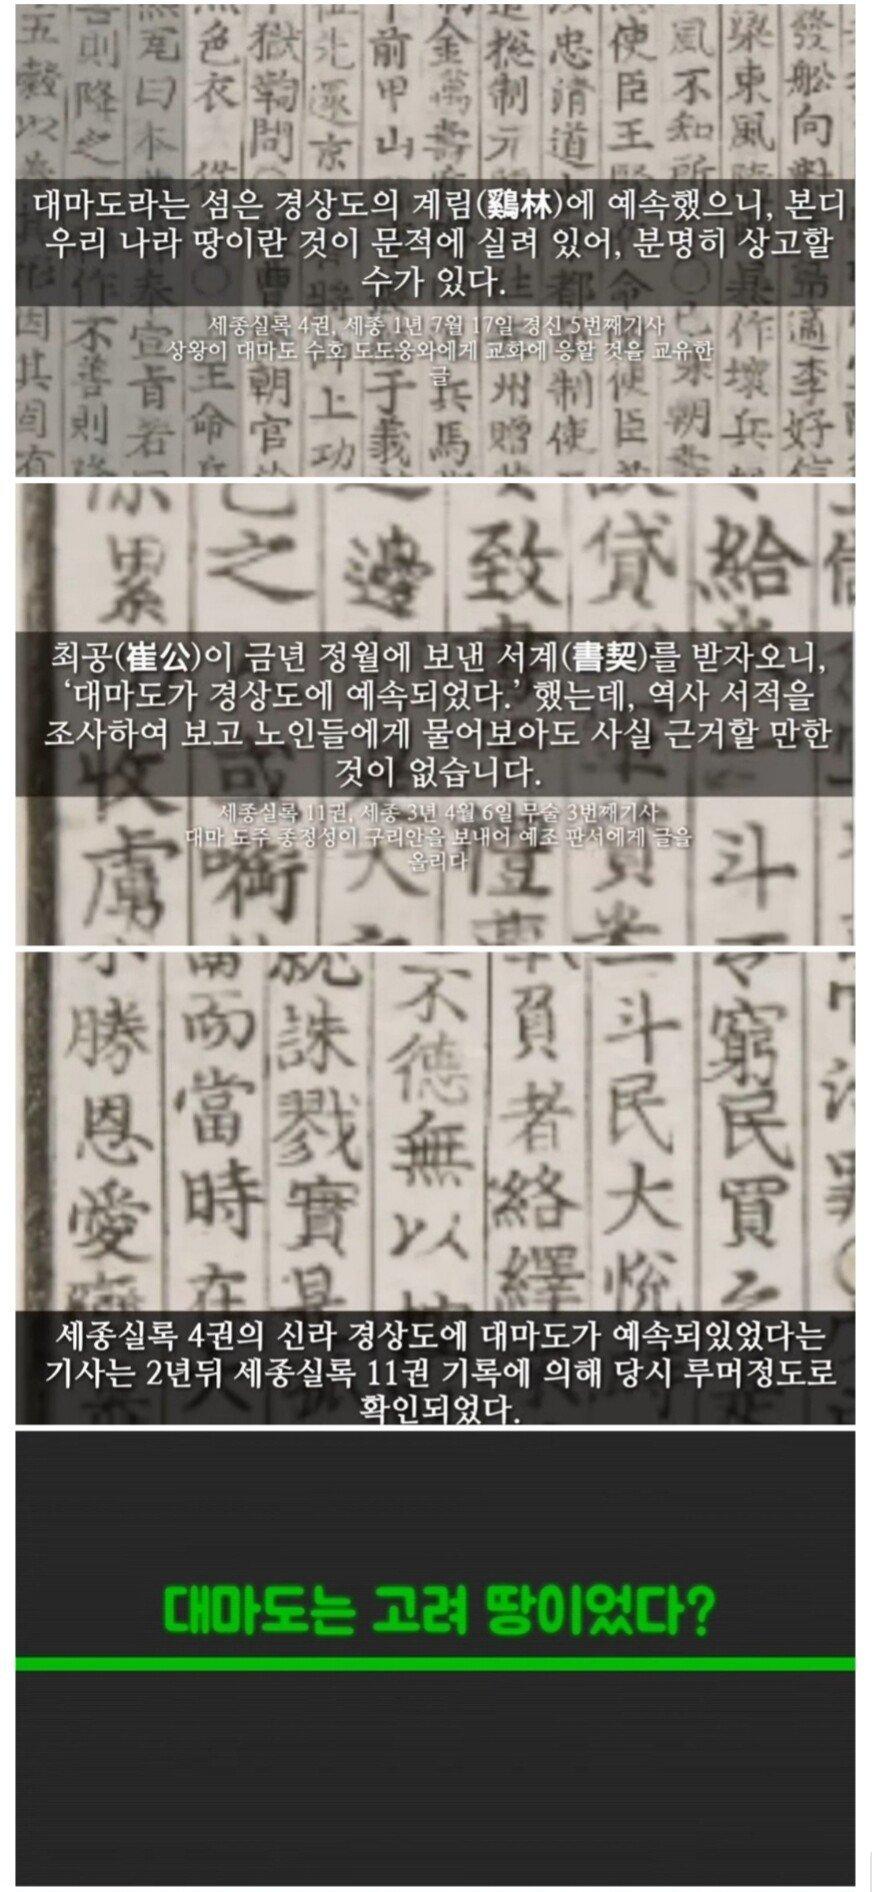 20200529_172838.jpg 쓰시마가 한민족 국가의 영토였던 적은 없다.jpg